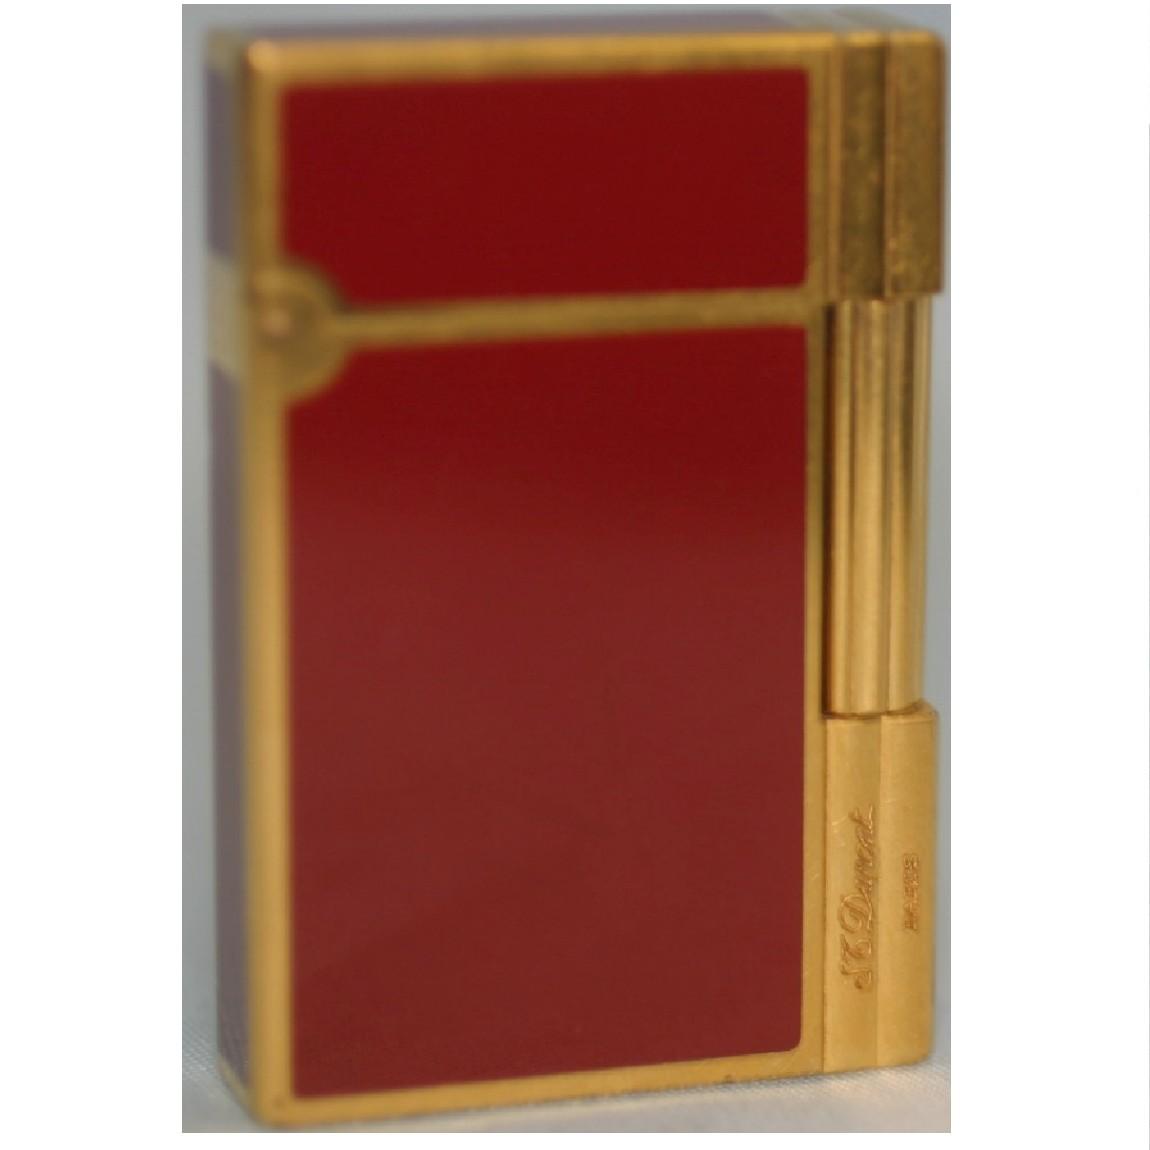 【中古】本物完動美品デュポン開閉時にきんという音のするボルドーラッカーx金色5,6x3,7x1,1センチライター○D9-162